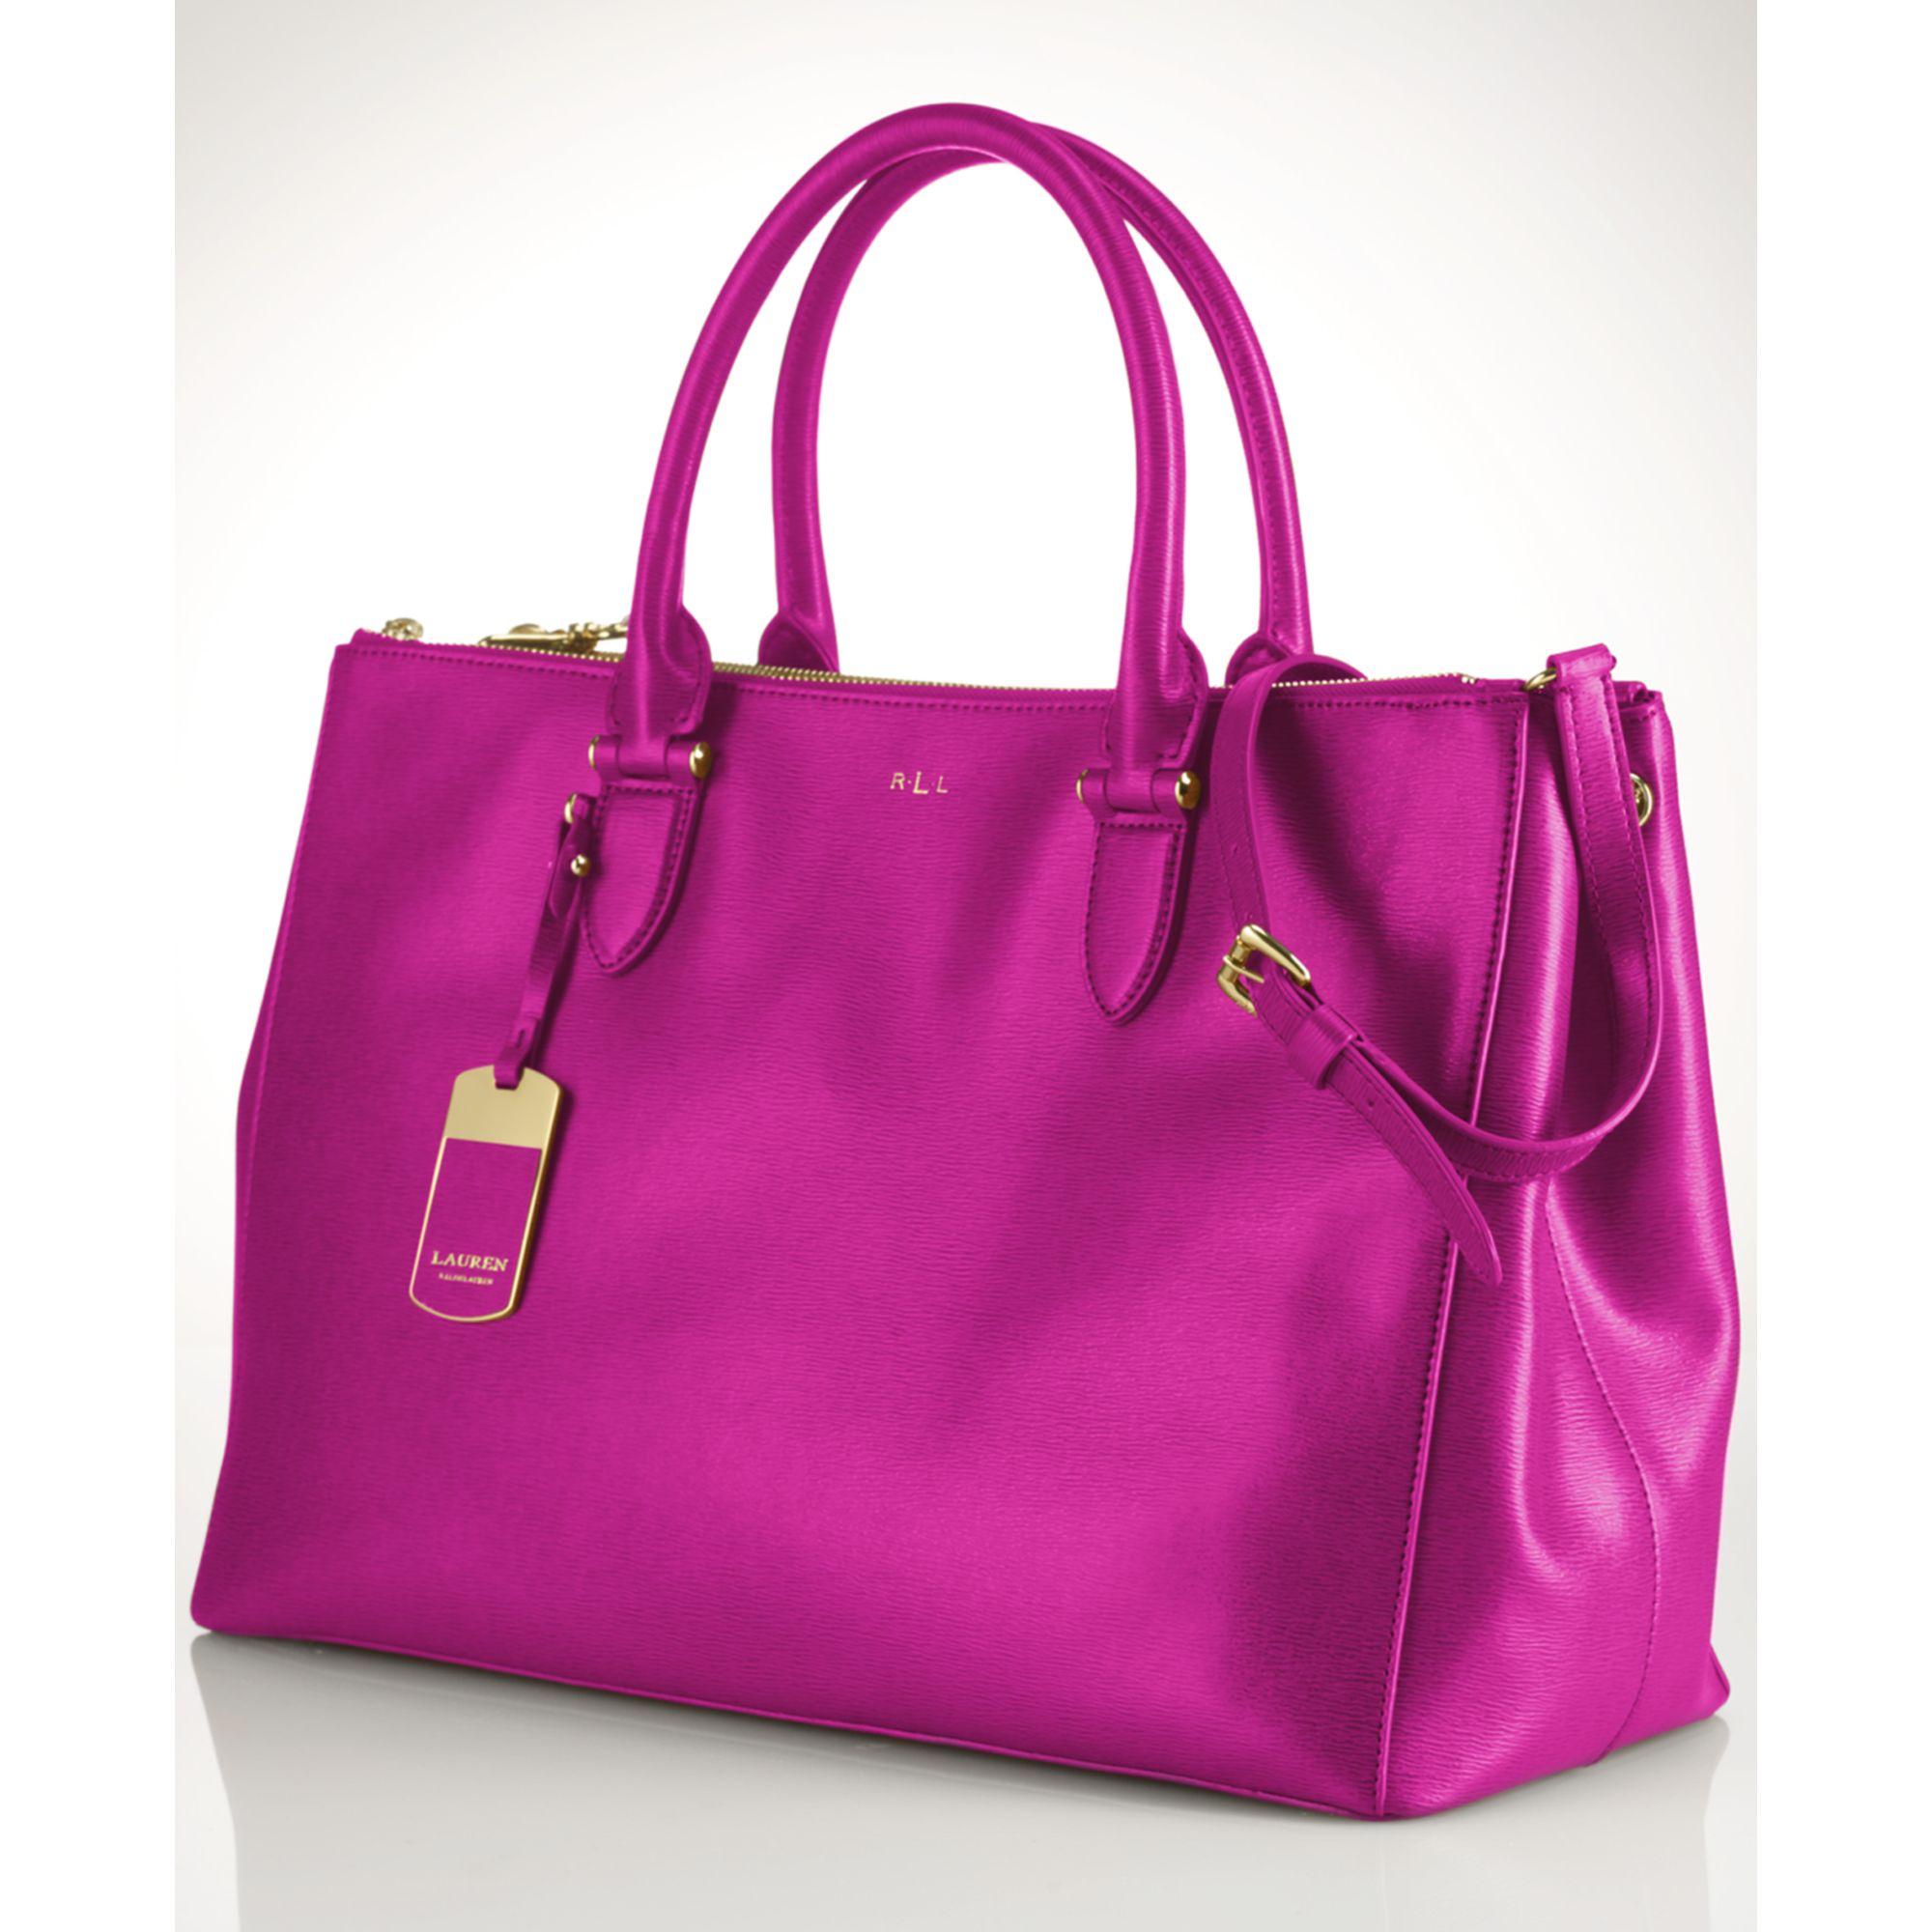 a32cd7ccbdd Lyst - Lauren by Ralph Lauren Newbury Double Zip Satchel in Purple